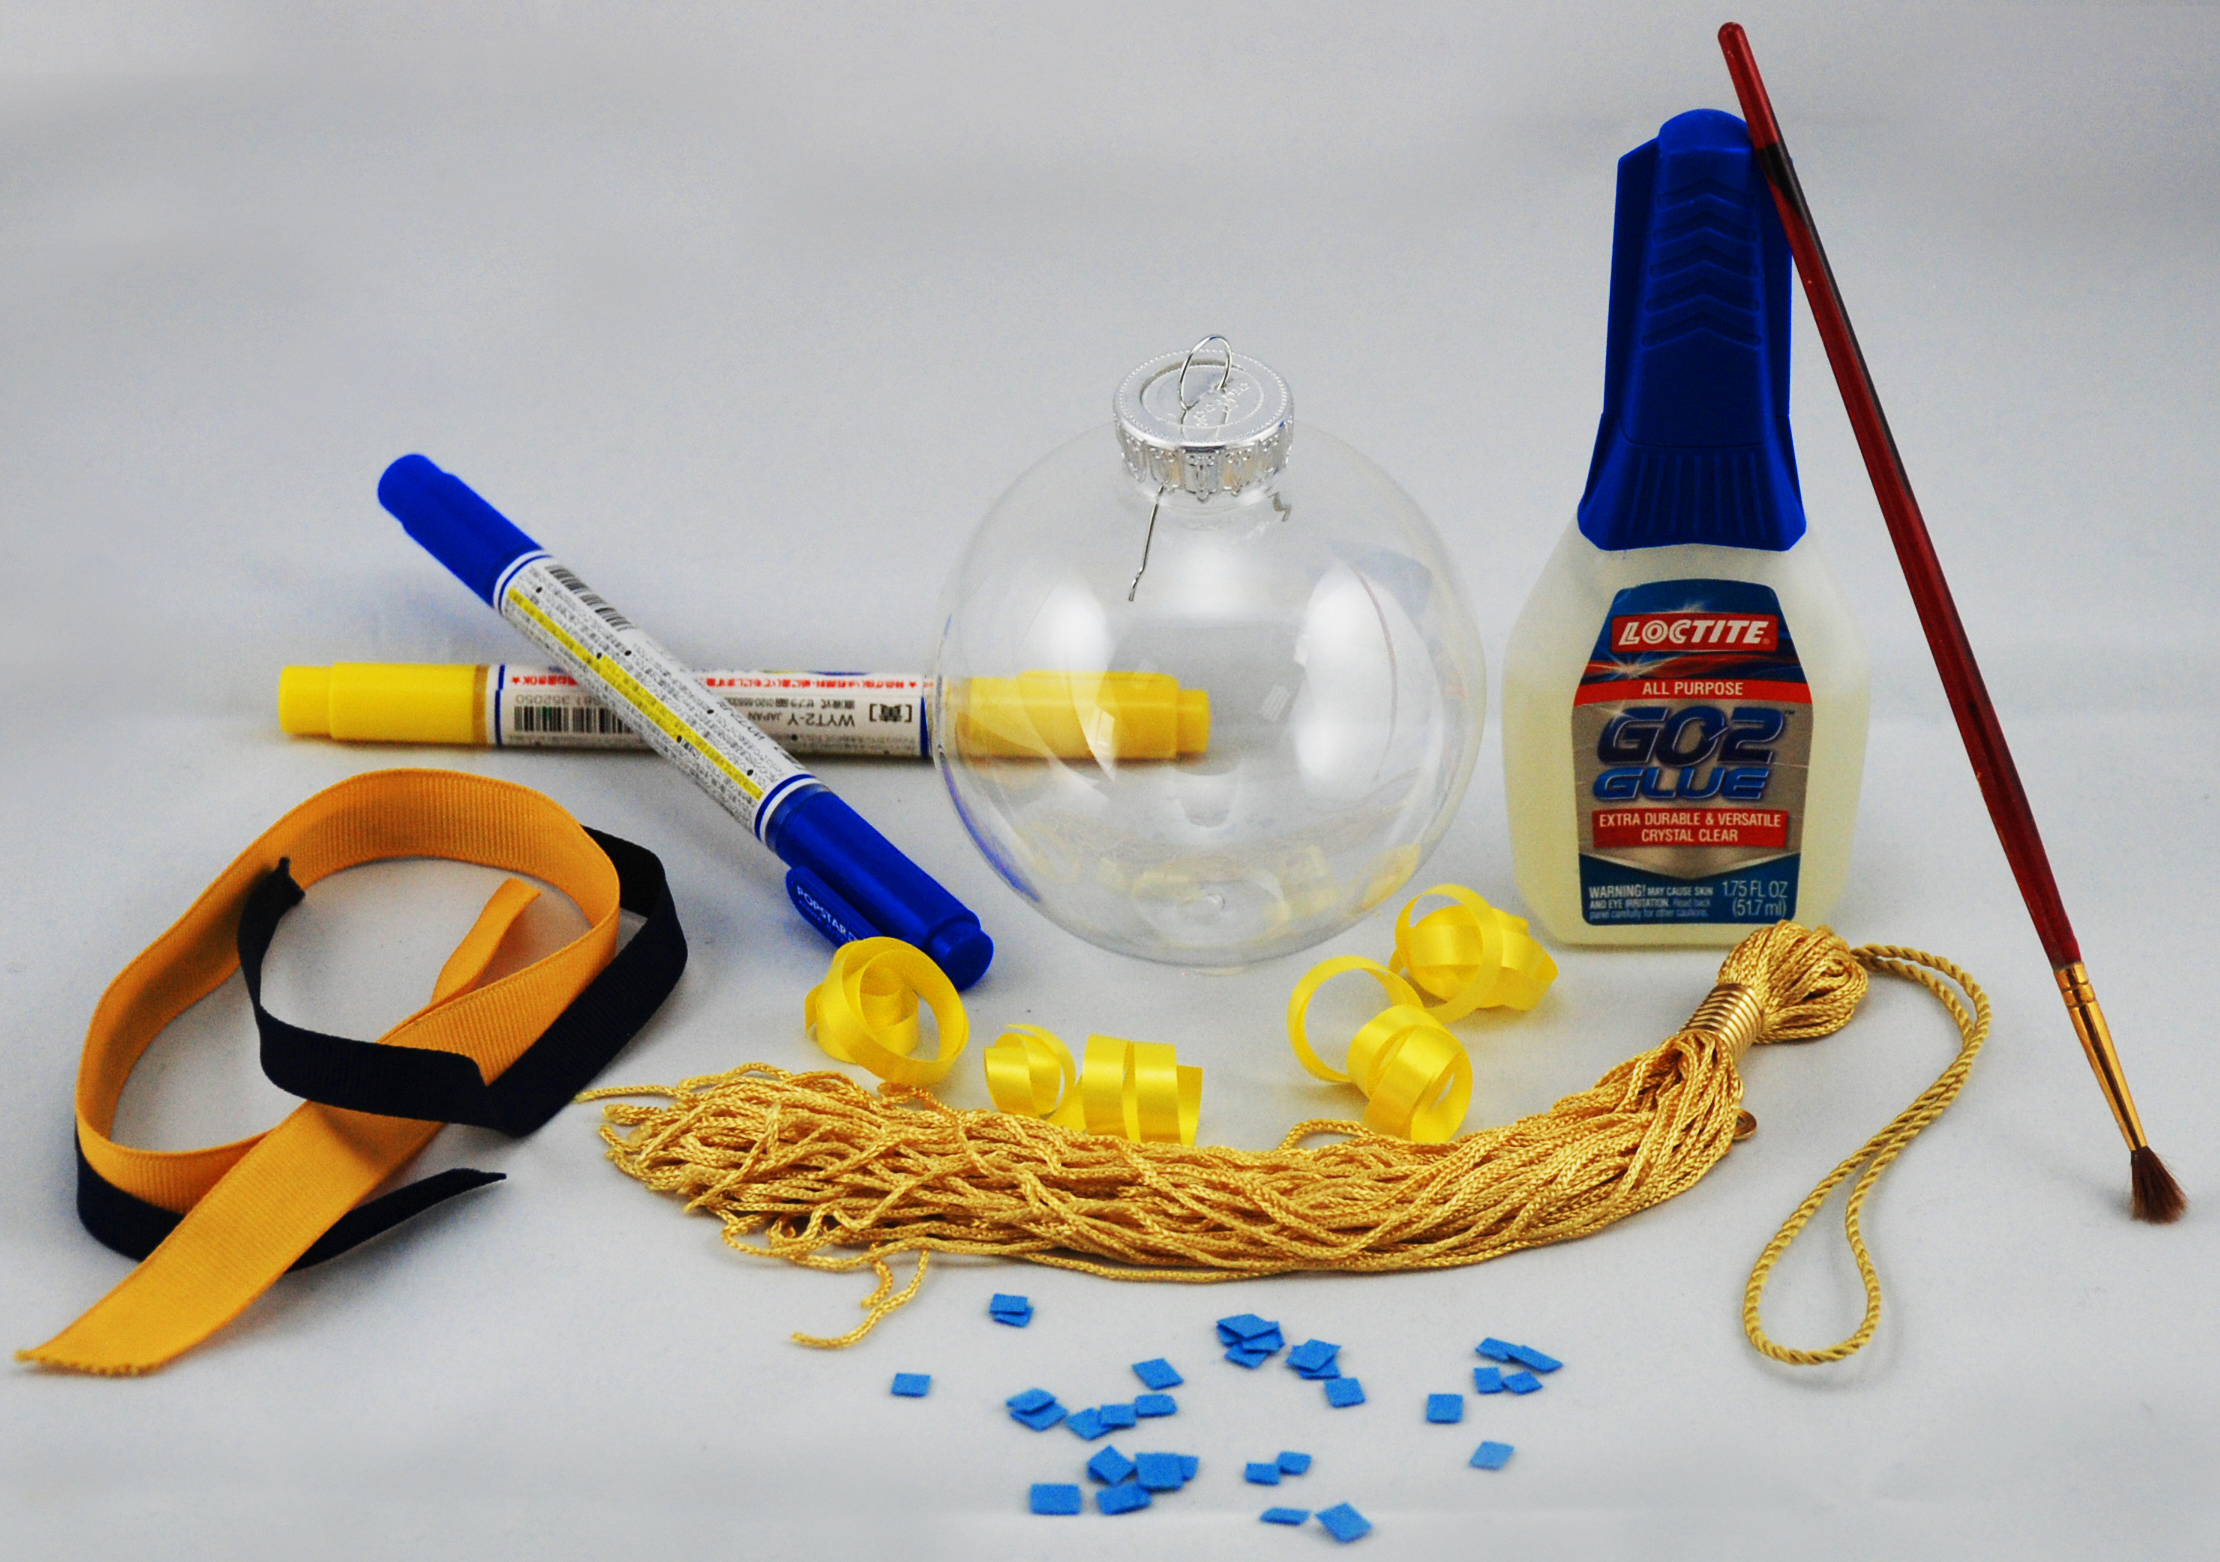 graduation tassel ornament supplies